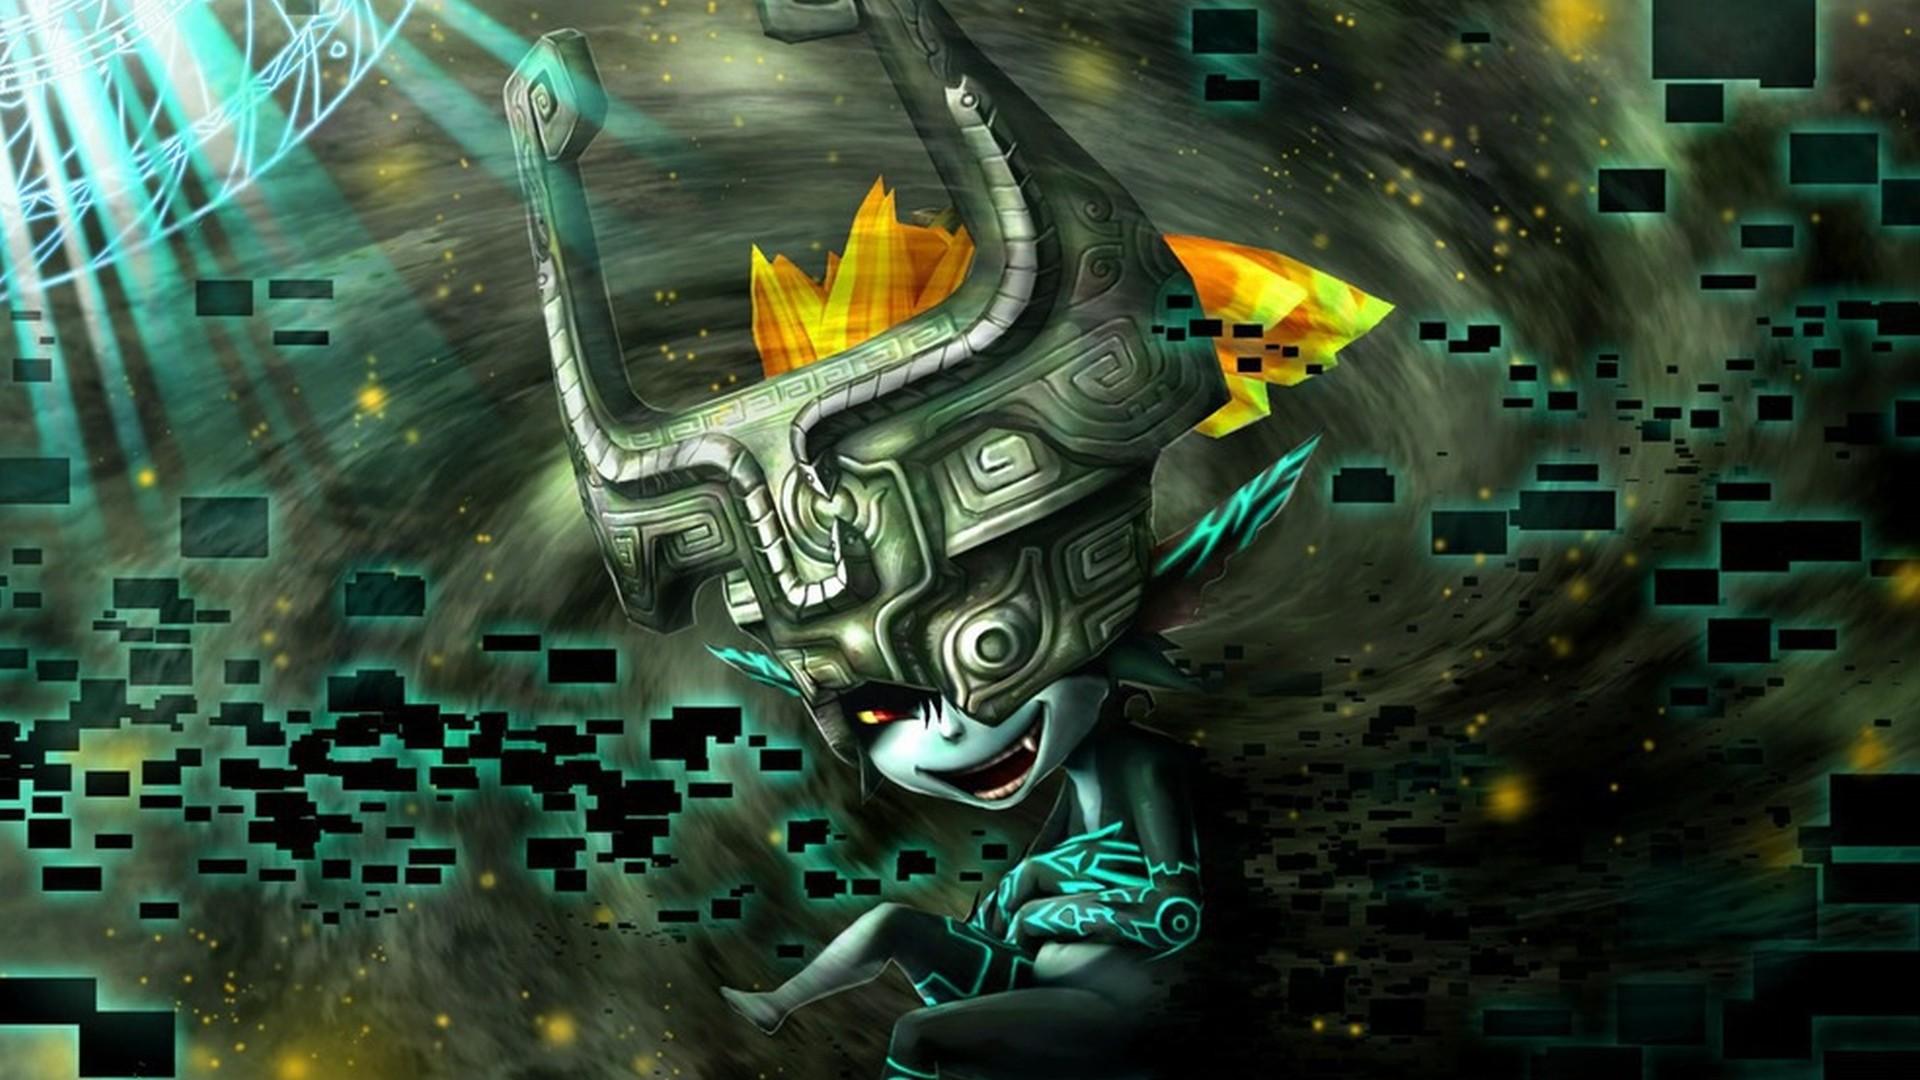 1080p Zelda Wallpaper: 1080p Zelda Wallpaper (74+ Images